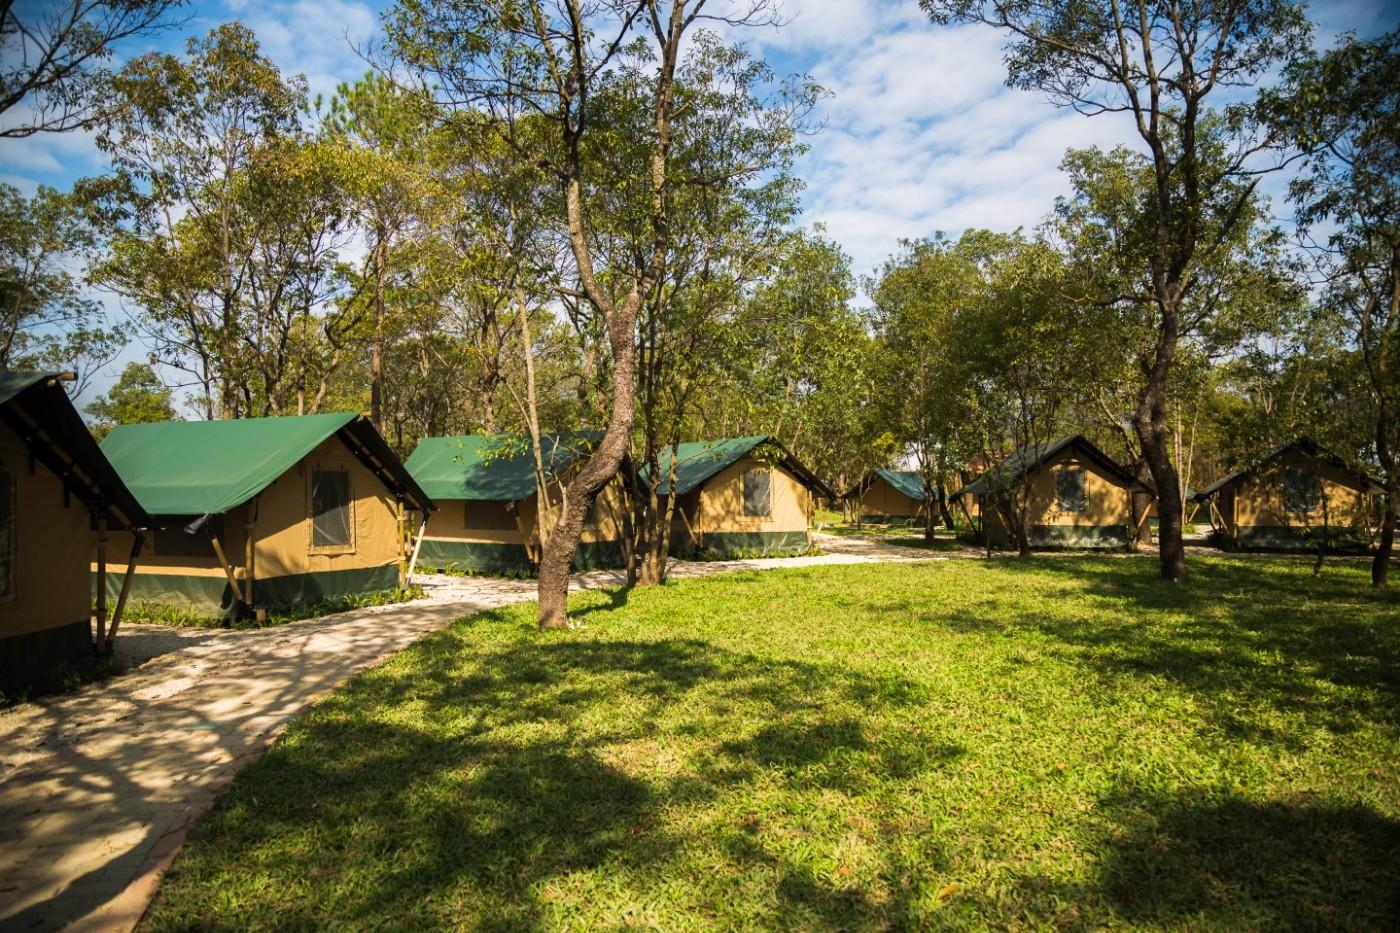 喜马拉雅青少年教育营地—广州和营天下平地帐篷酒店11